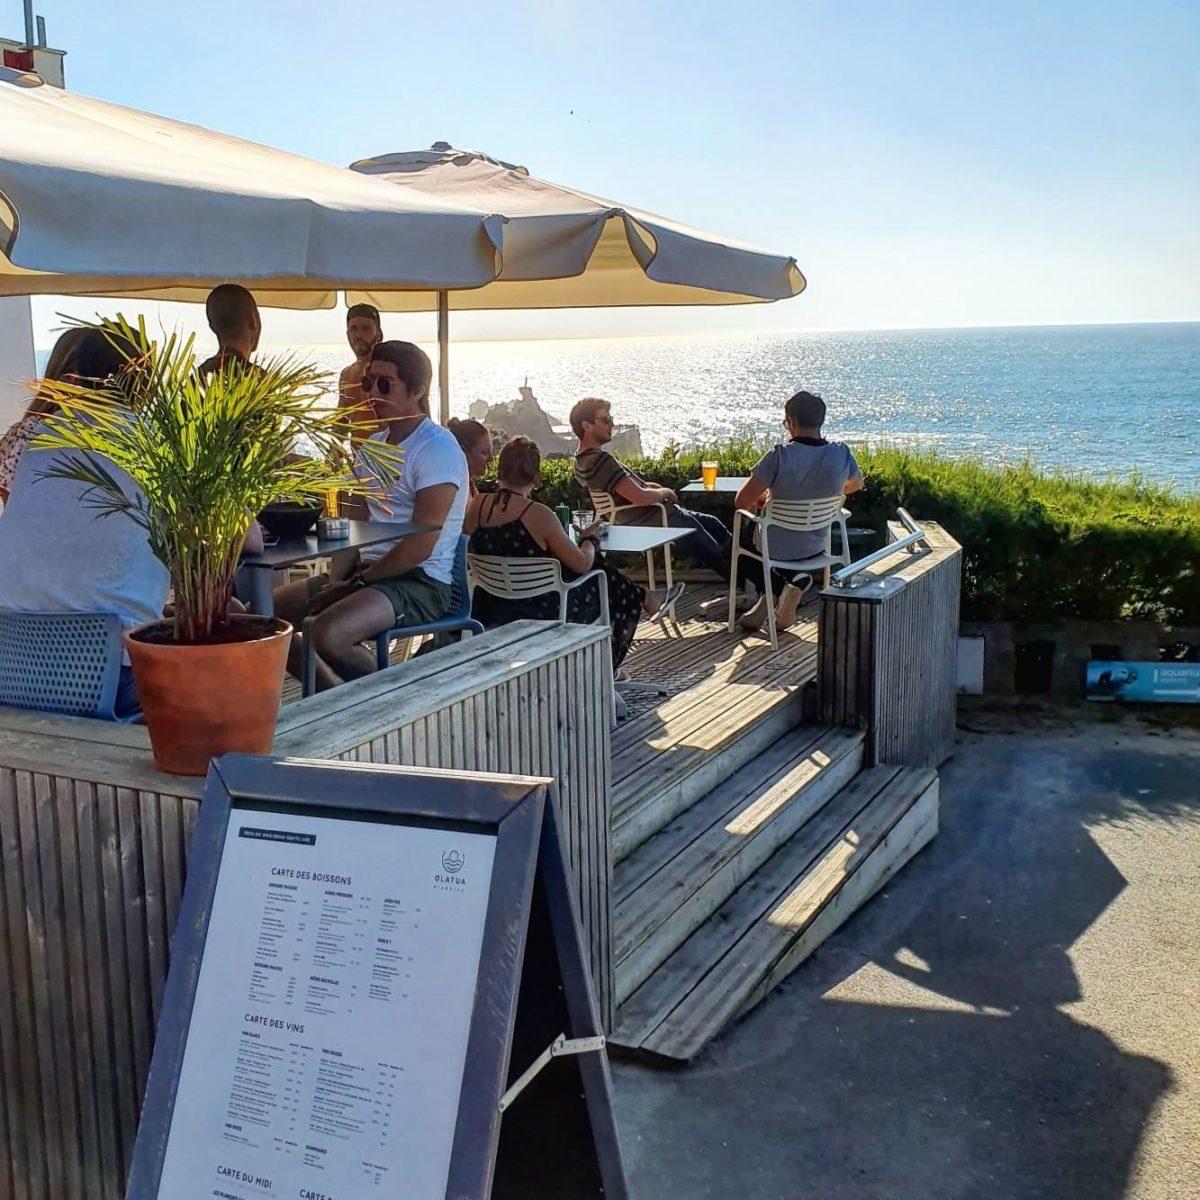 olatua-biarritz-bar-tapas-terrasse-parasol